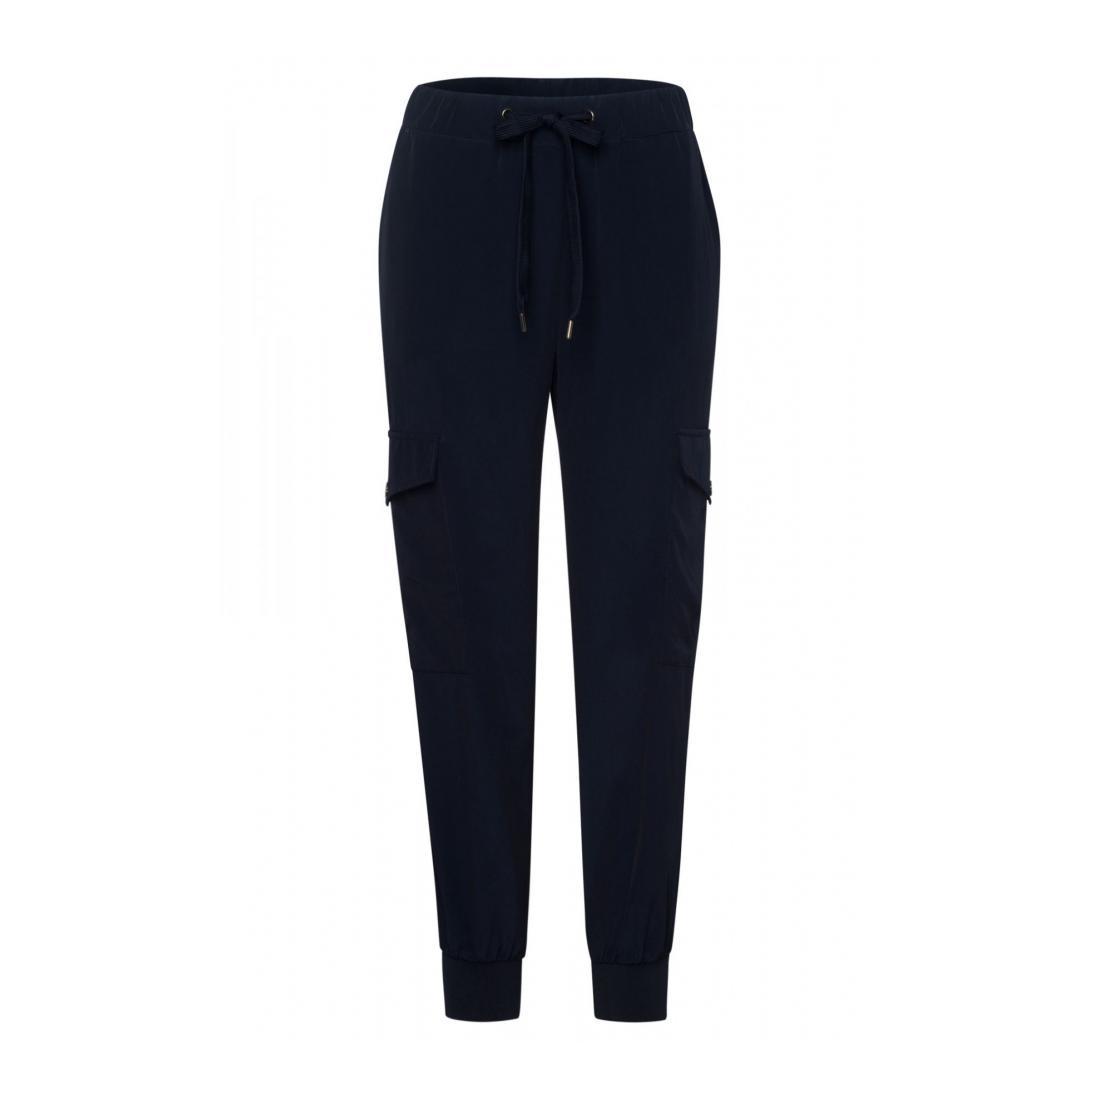 More & More Freizeithosen Damen Soft Cargo Pants Active